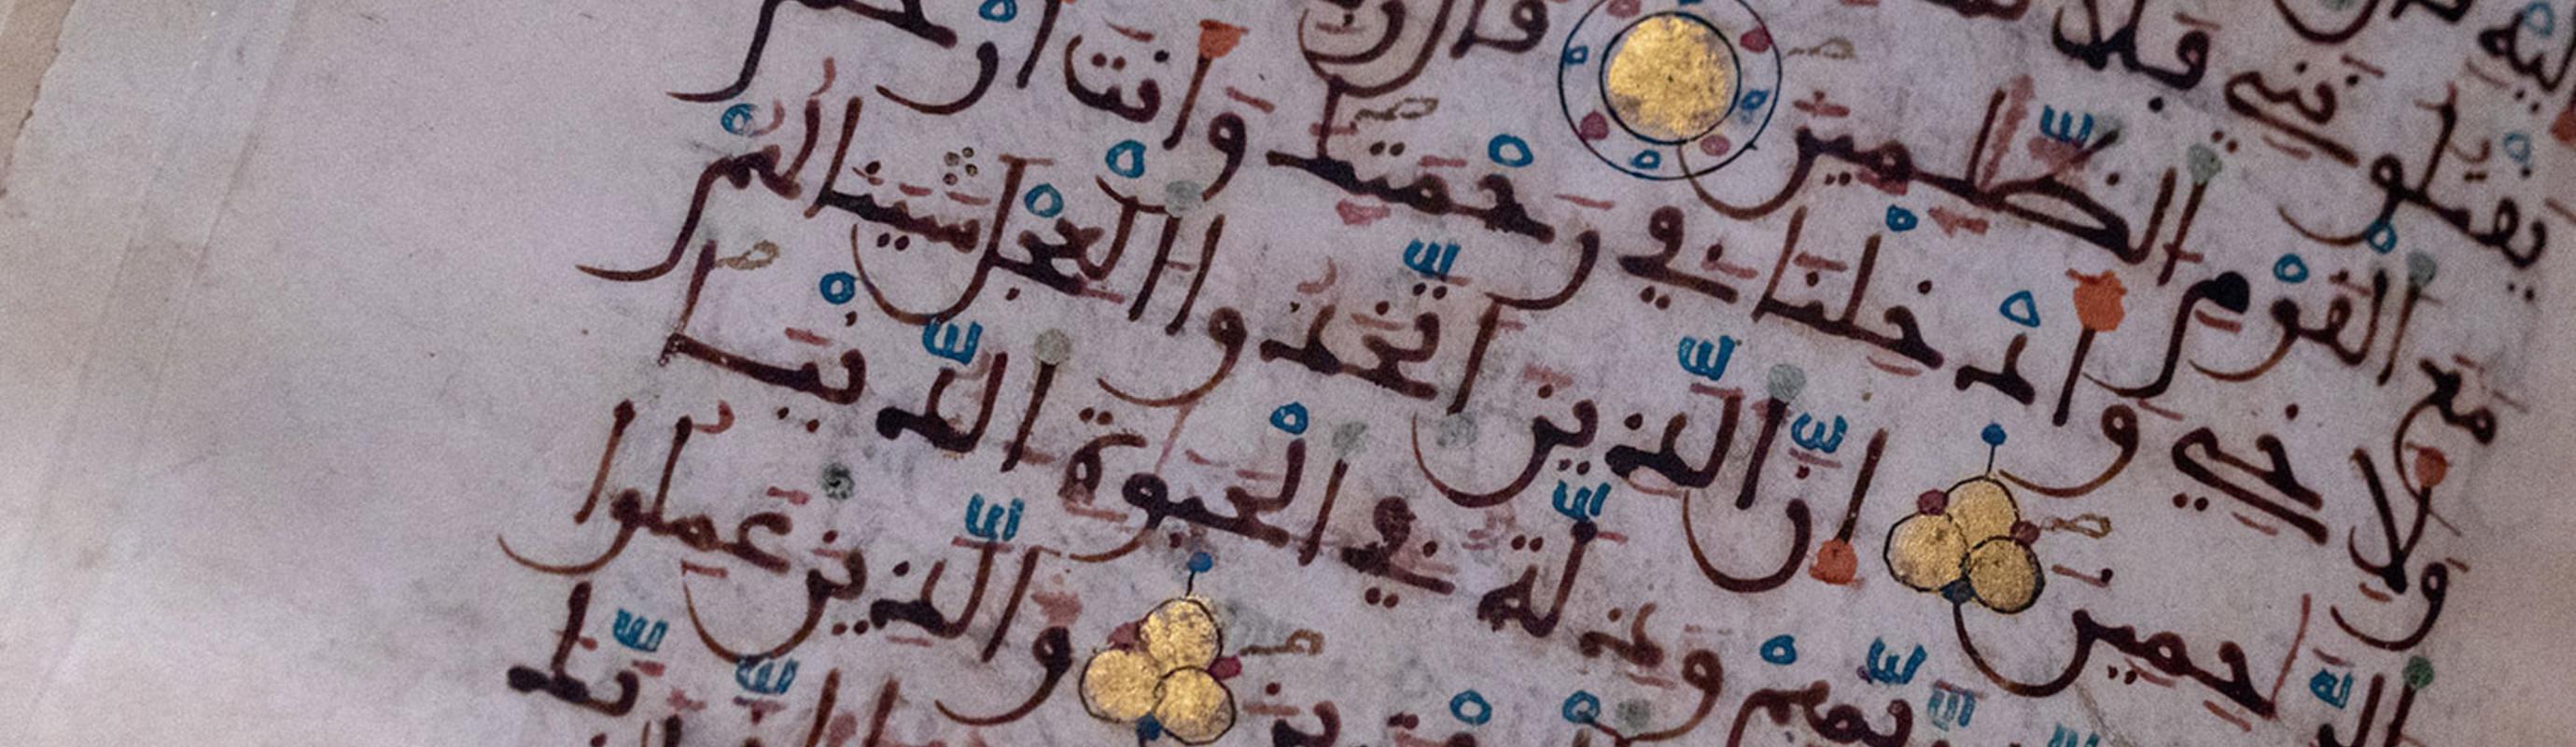 Holy Quran - tafsir series, episode 5.